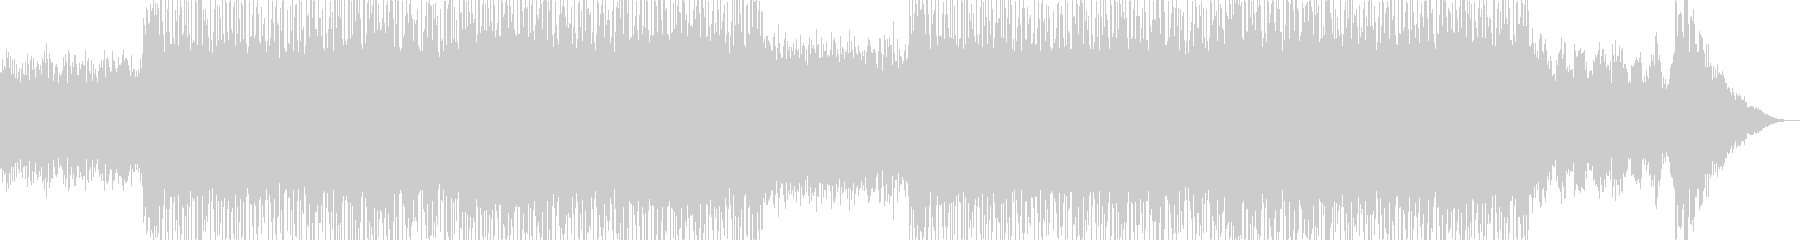 カッコイイ現代的なシンセミュージック02の未再生の波形